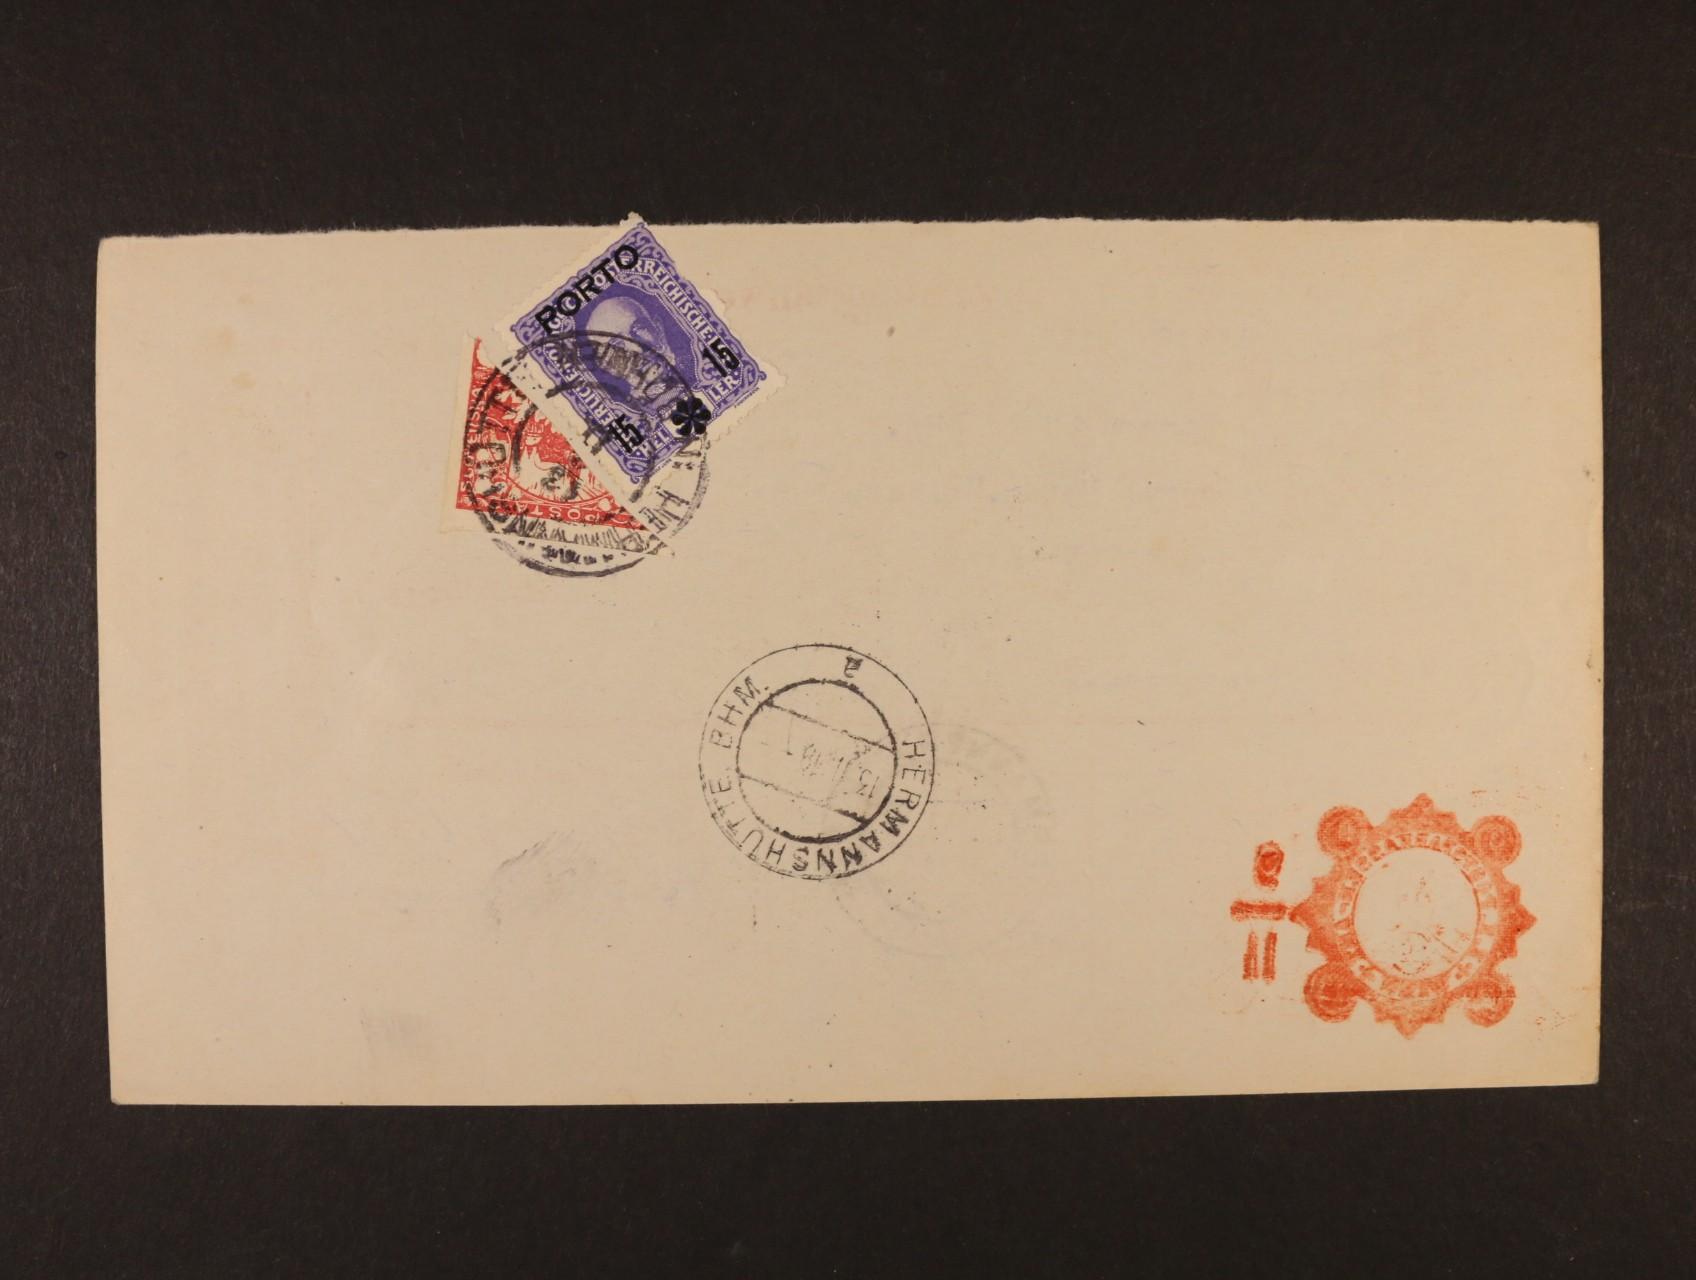 poštovní průvodka poštovní spořitelny Wien zaslaná na poštovní úřad Hermannshutte. B.H.M. (Heřmanova Huť), poštovné ve výši 20h vyplaceno zn. Mi. č. P 59 a příčně půlenou zn. 10h Hradany č. 5, znehodnoc. raz. HERMANNSHUTTE 13.2.1919